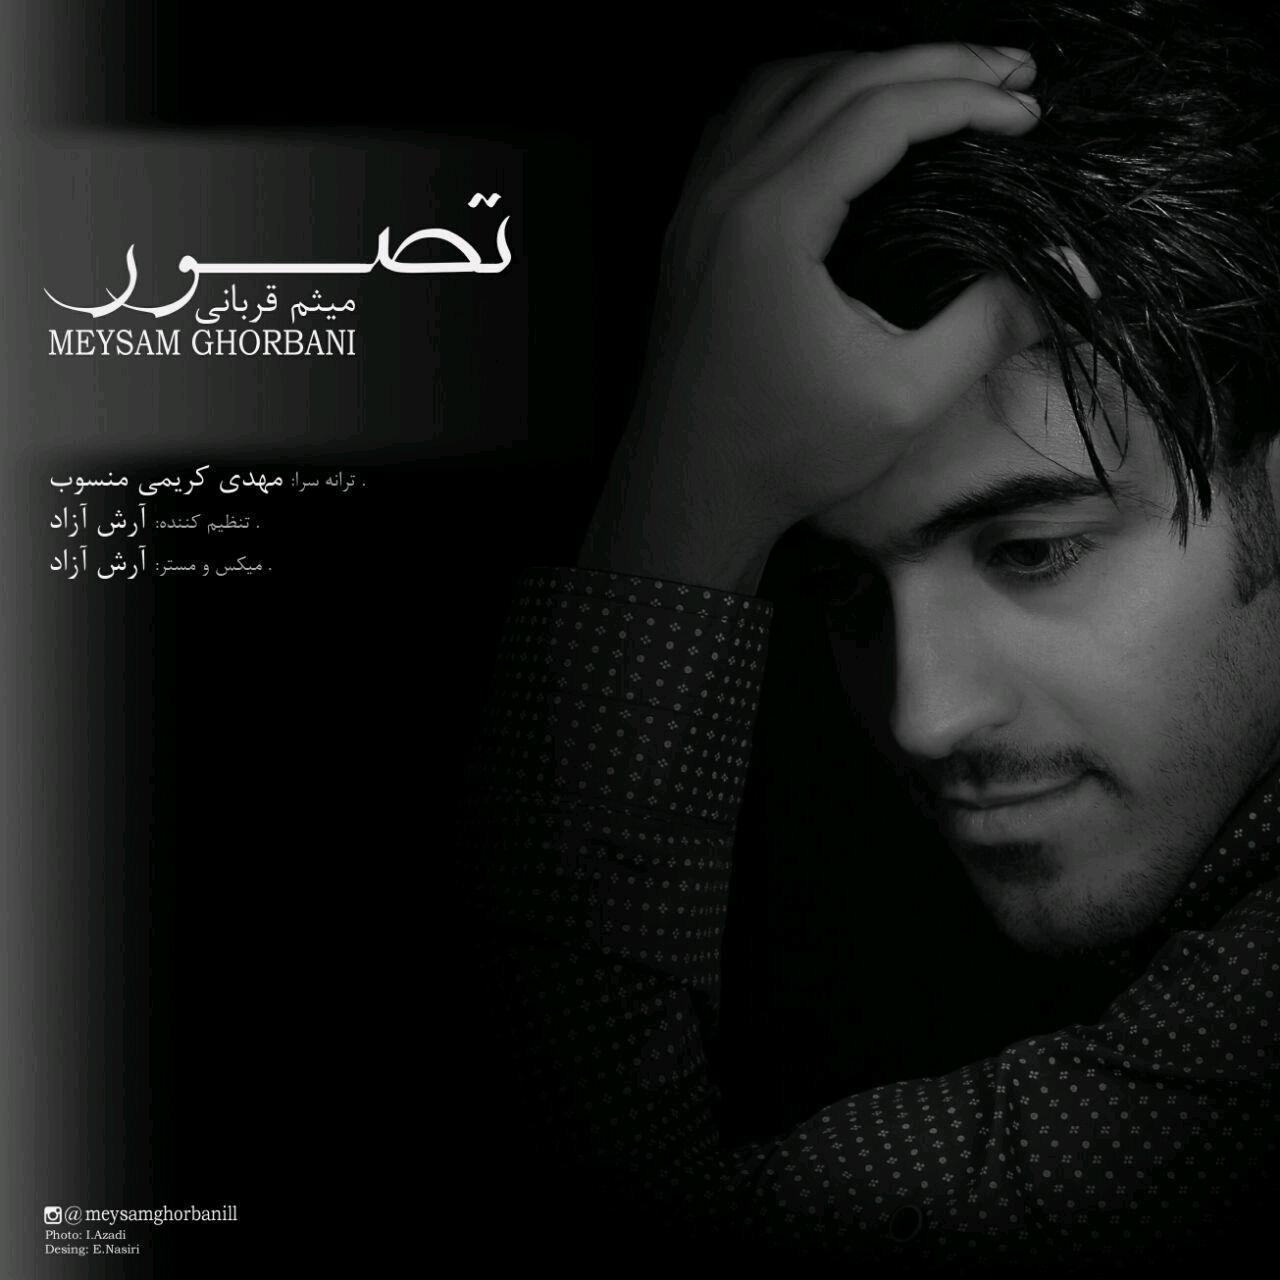 نامبر وان موزیک | دانلود آهنگ جدید Meysam-Ghorbani-Tasavor